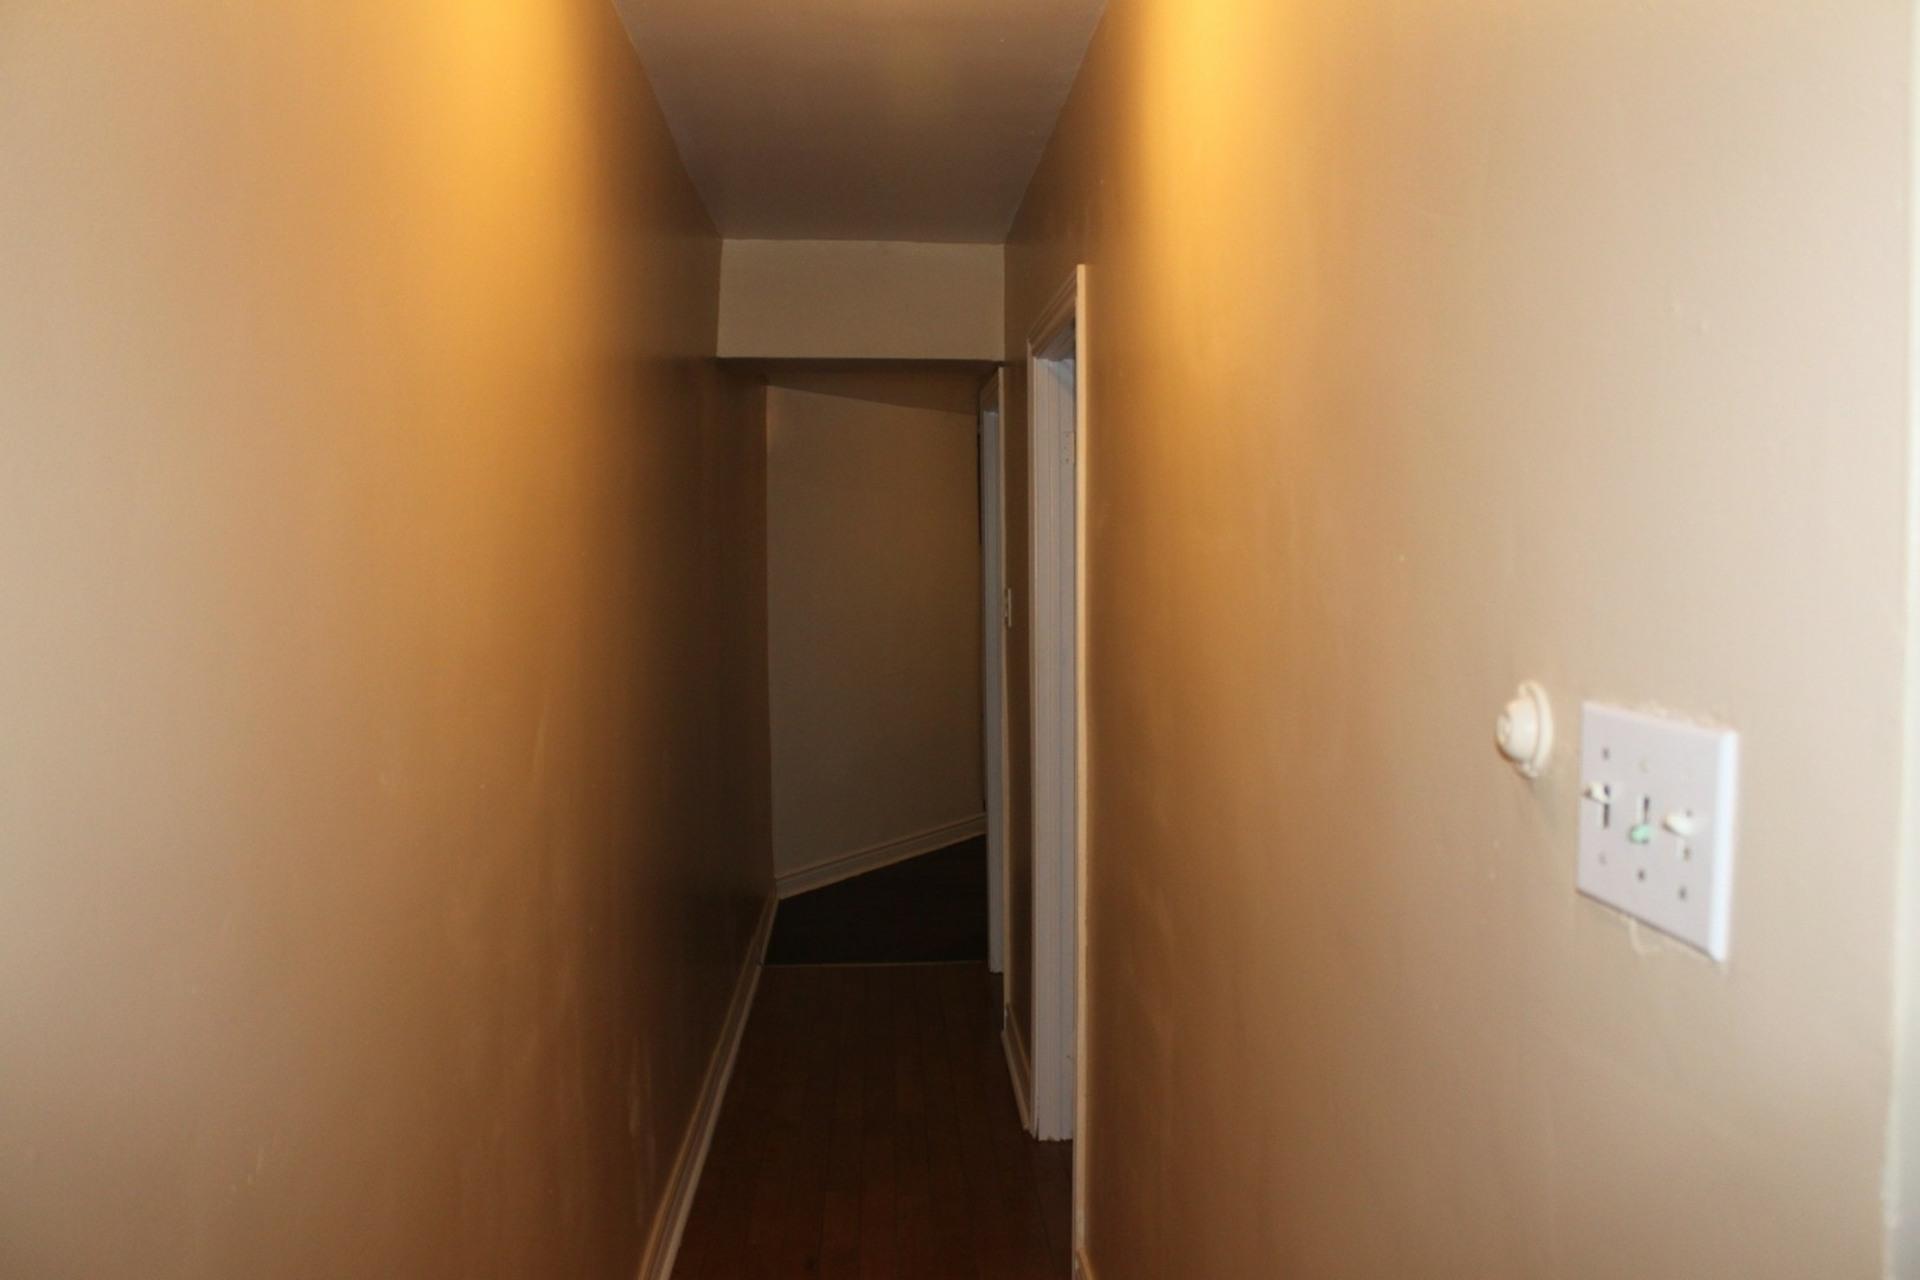 image 5 - Appartement À louer Montréal Tétreauville - 3 pièces